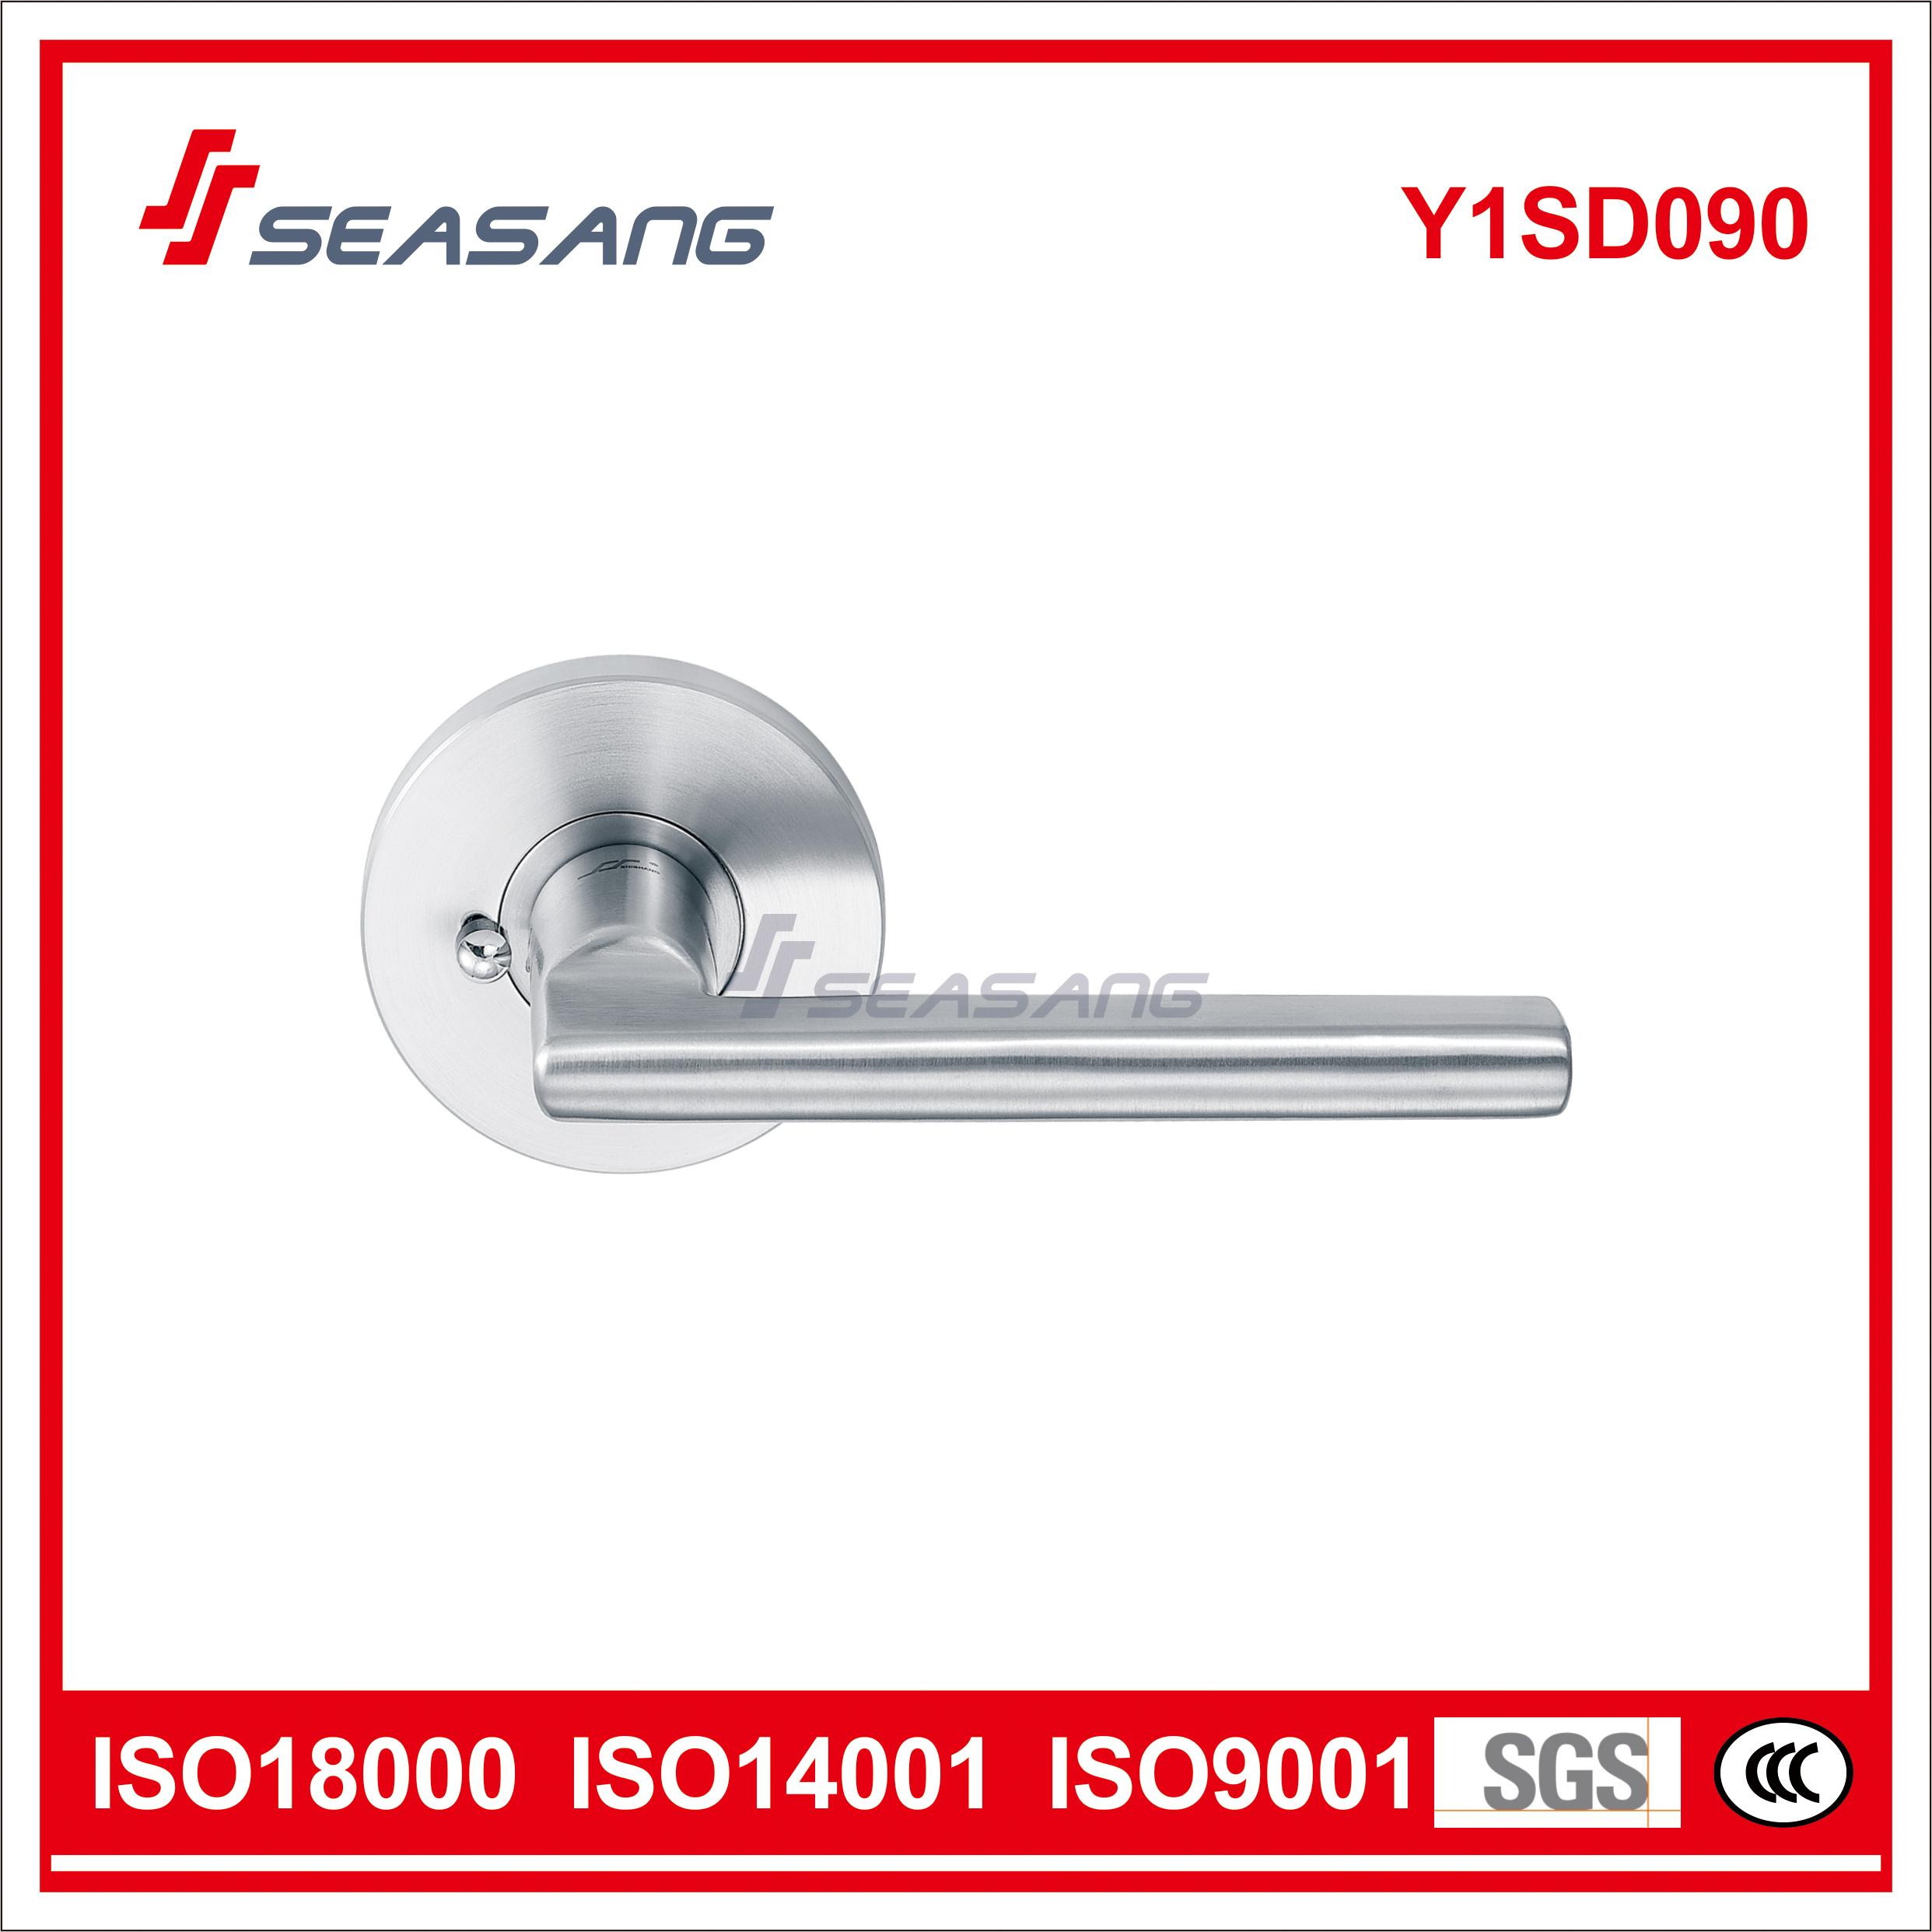 Stainless Steel Bathroom Handle Y1SD090